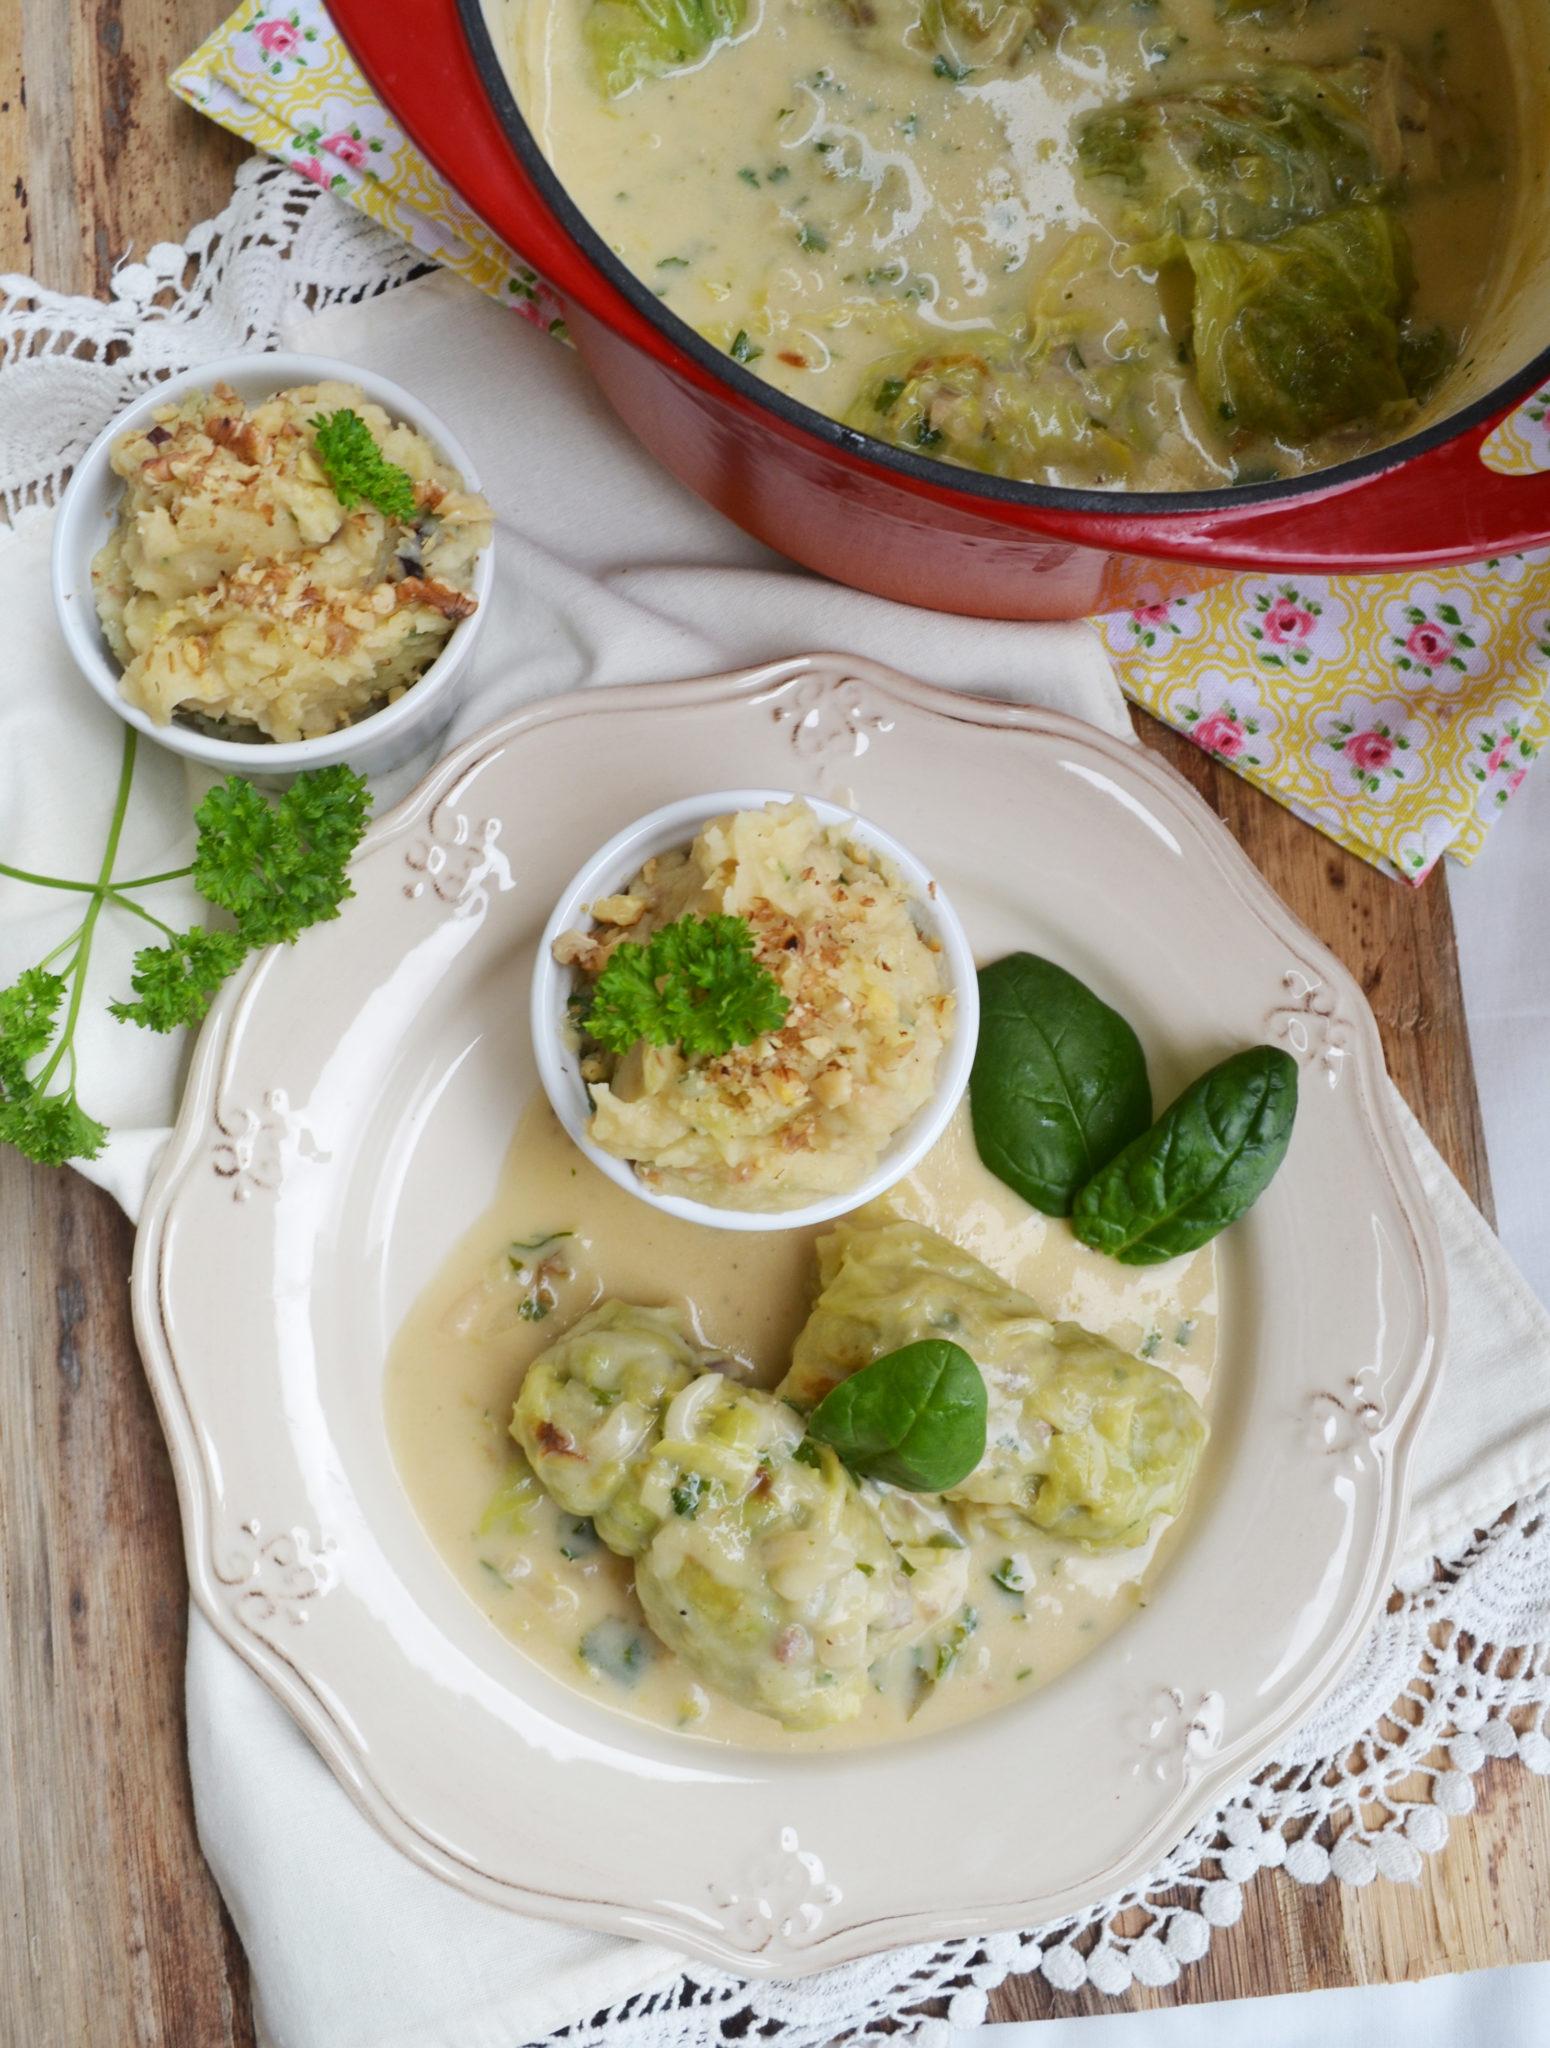 Geliebte Heimatküche! Gefüllte Krautwickel mit Kartoffel-Sellerie-Püree